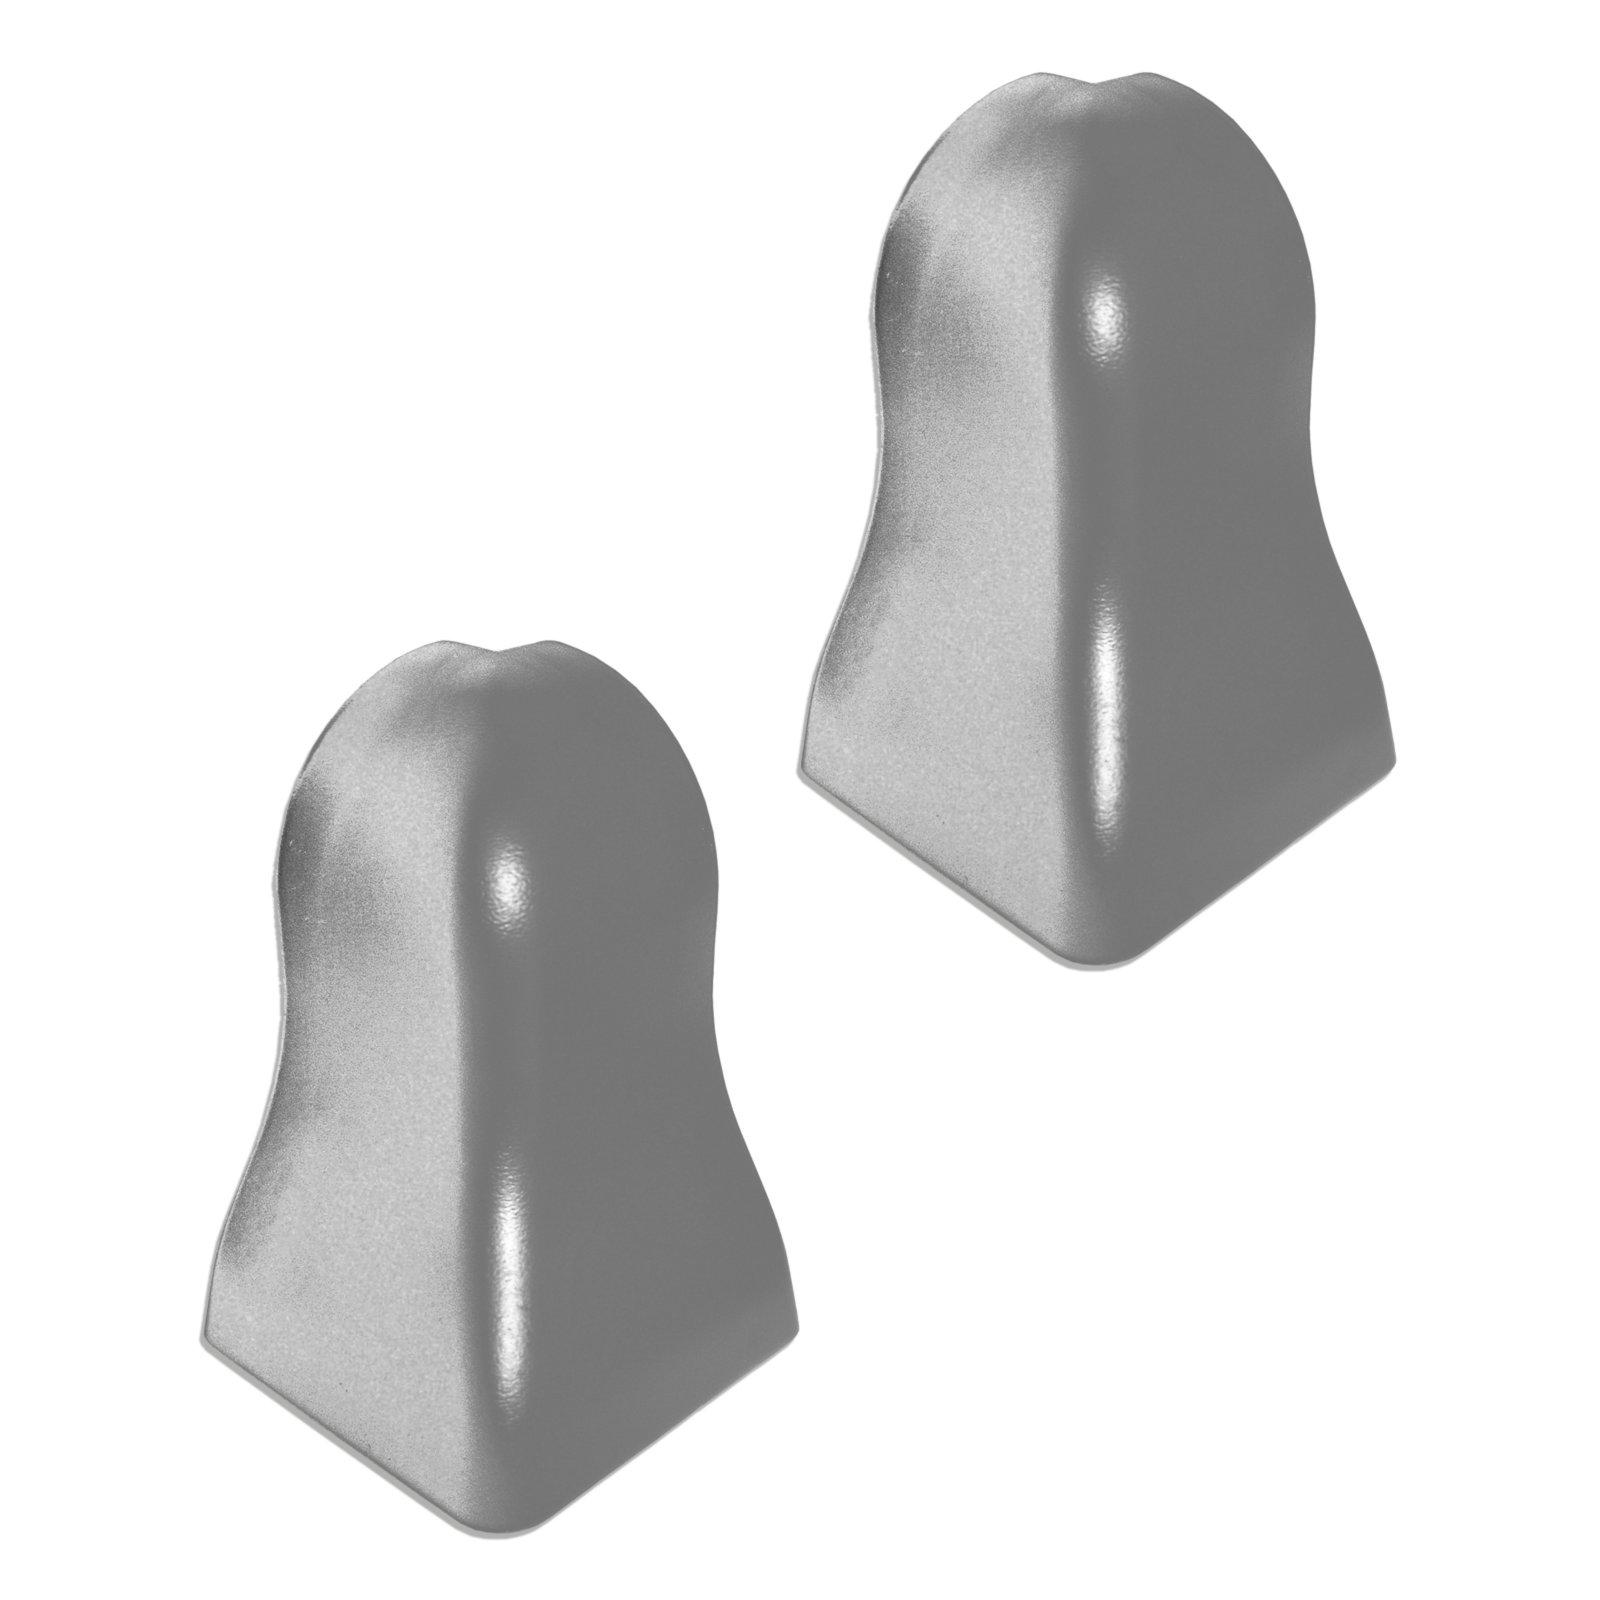 2 Außenecken K40 - silber dunkel - für Sockelleiste 40x22 mm